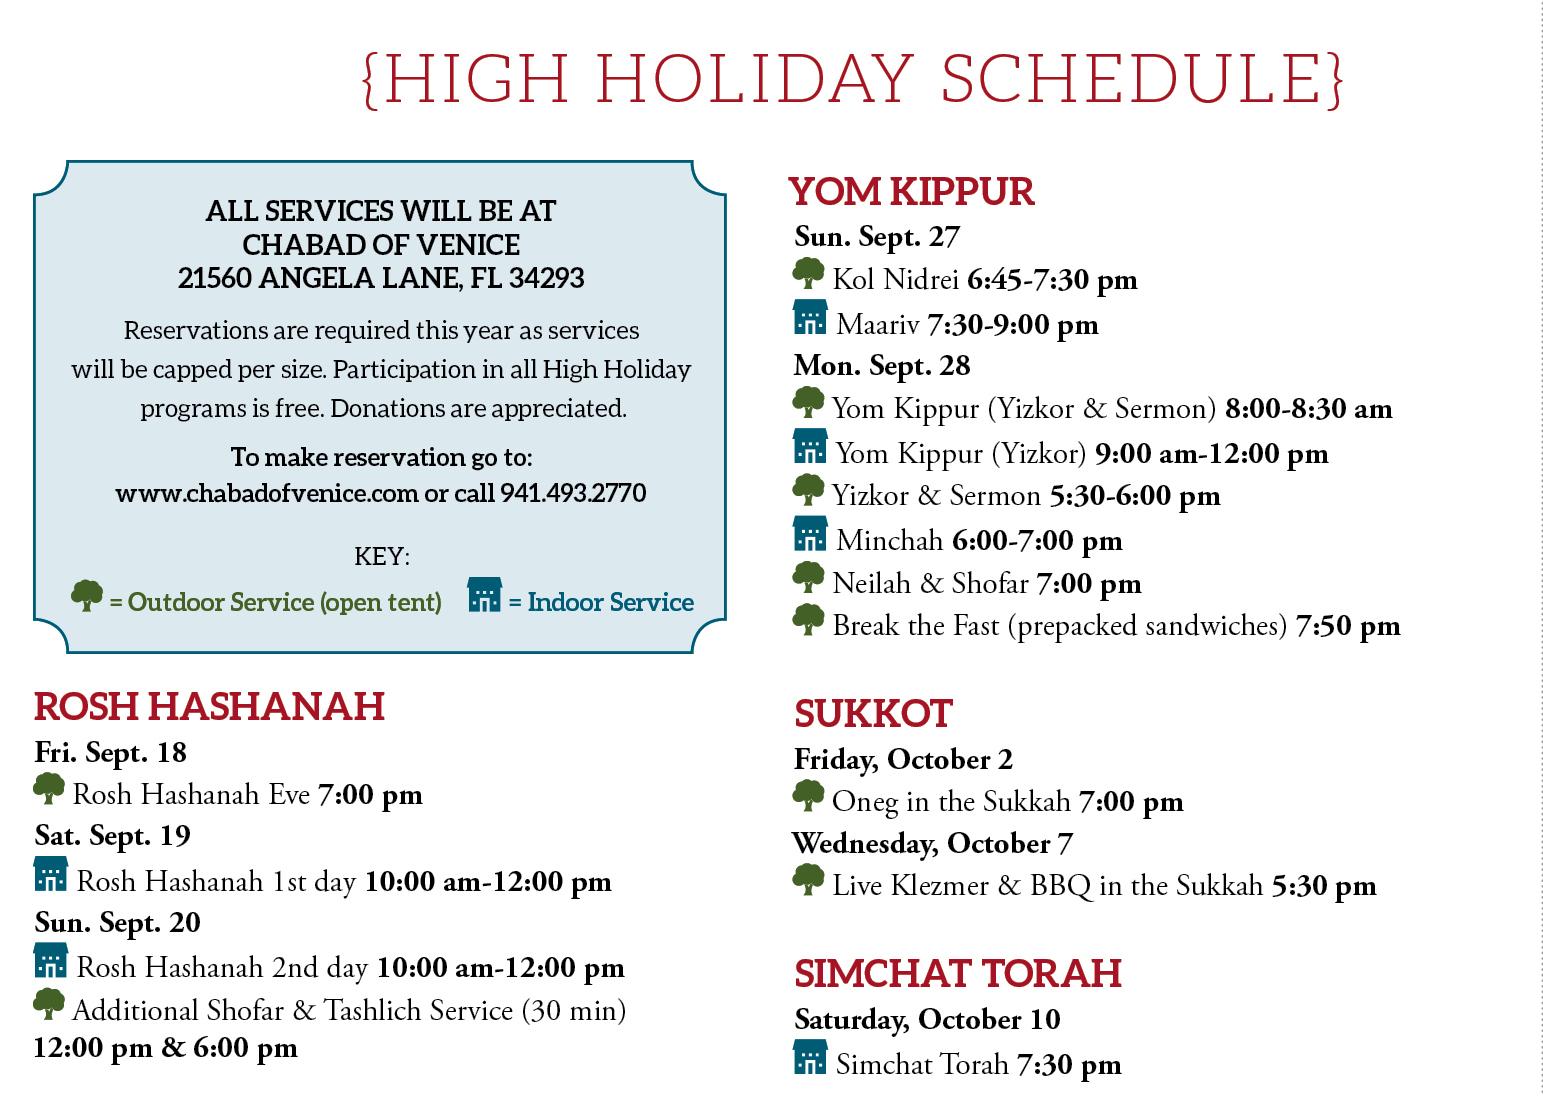 venice Schedule HH.jpg